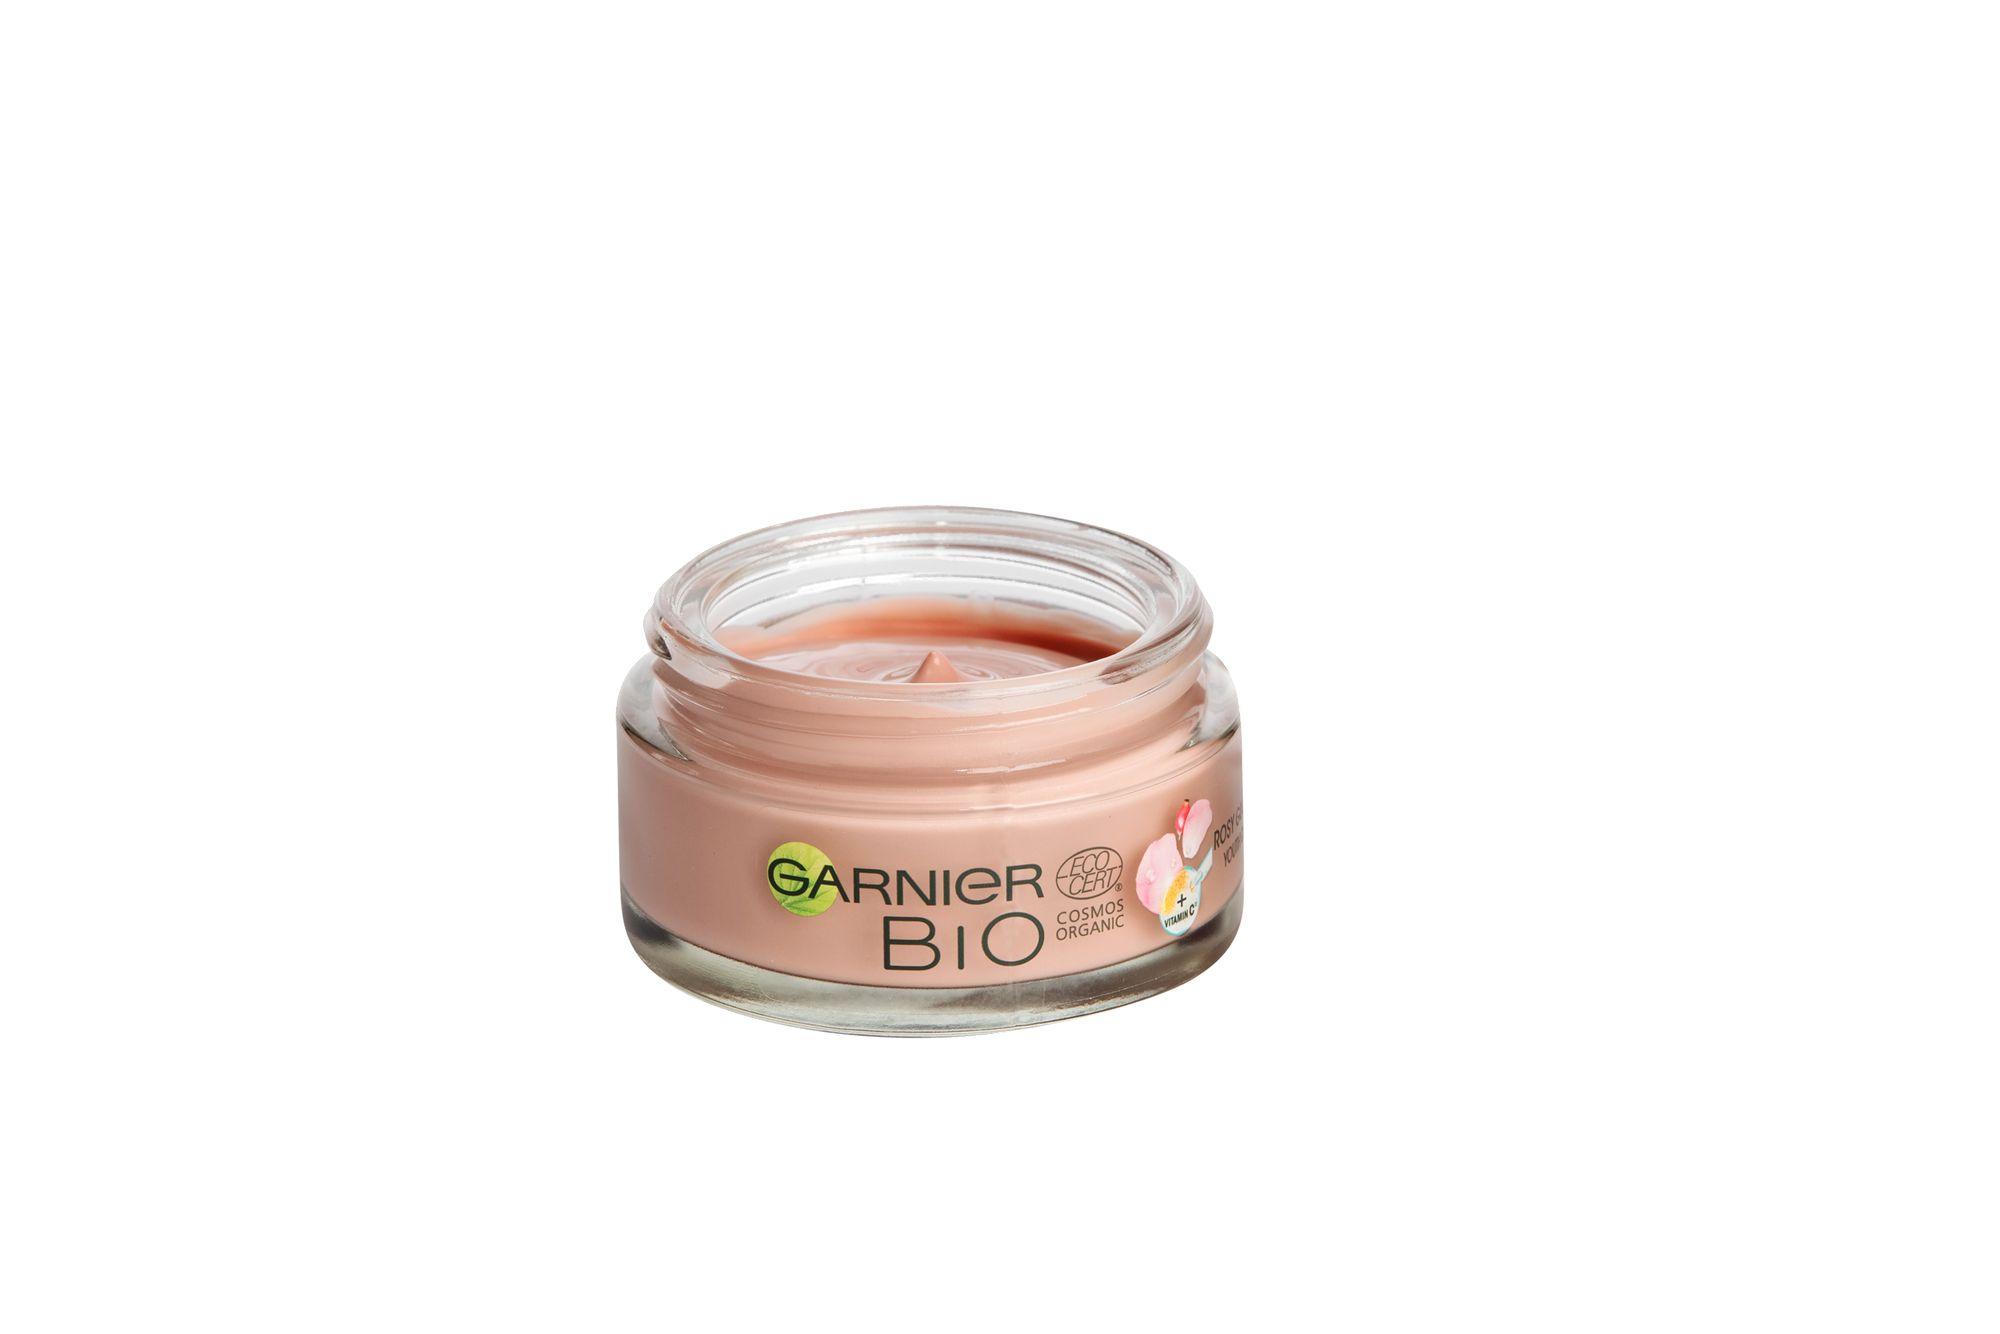 Väsynyttä ihoa piristää Garnierin Bio-sarjan 3 in 1 kosteuttava voide. 50 ml 10,45 €. © Tommi Tuomi